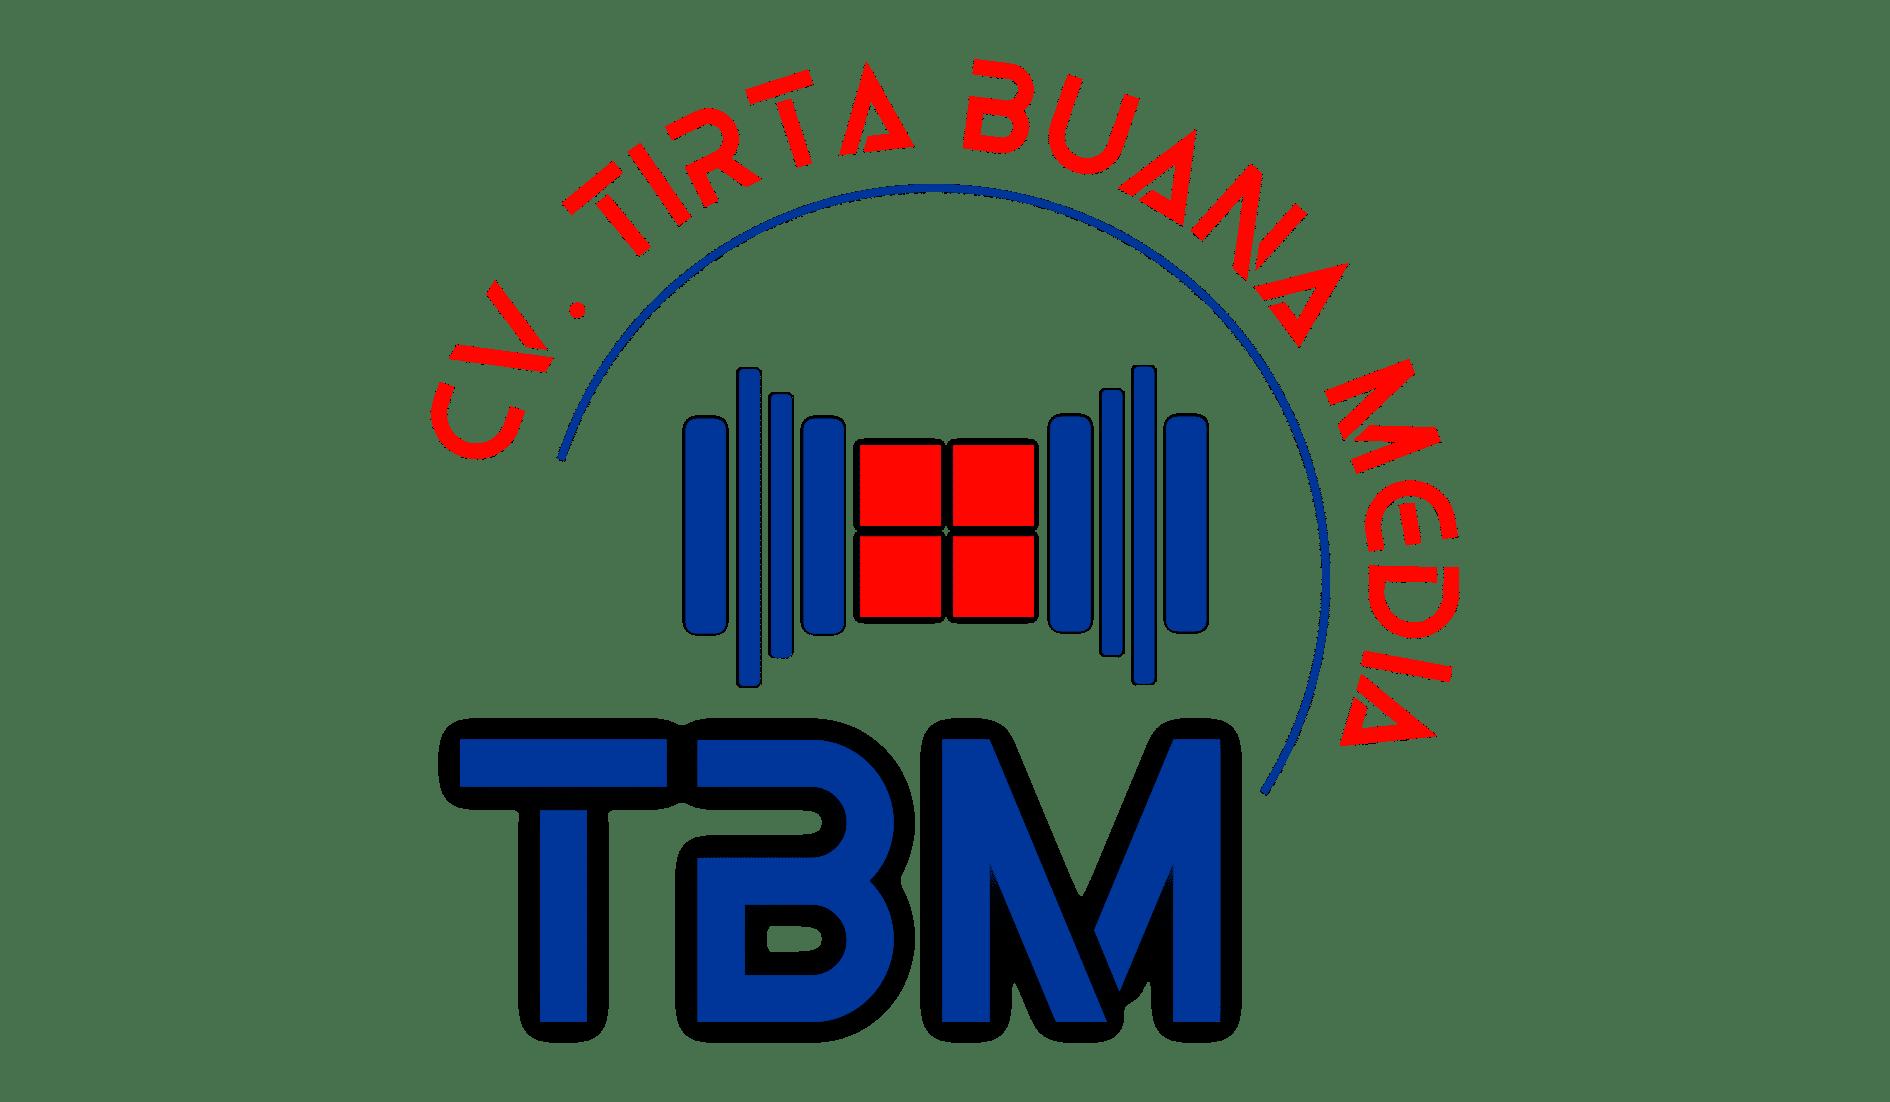 CV-TBM